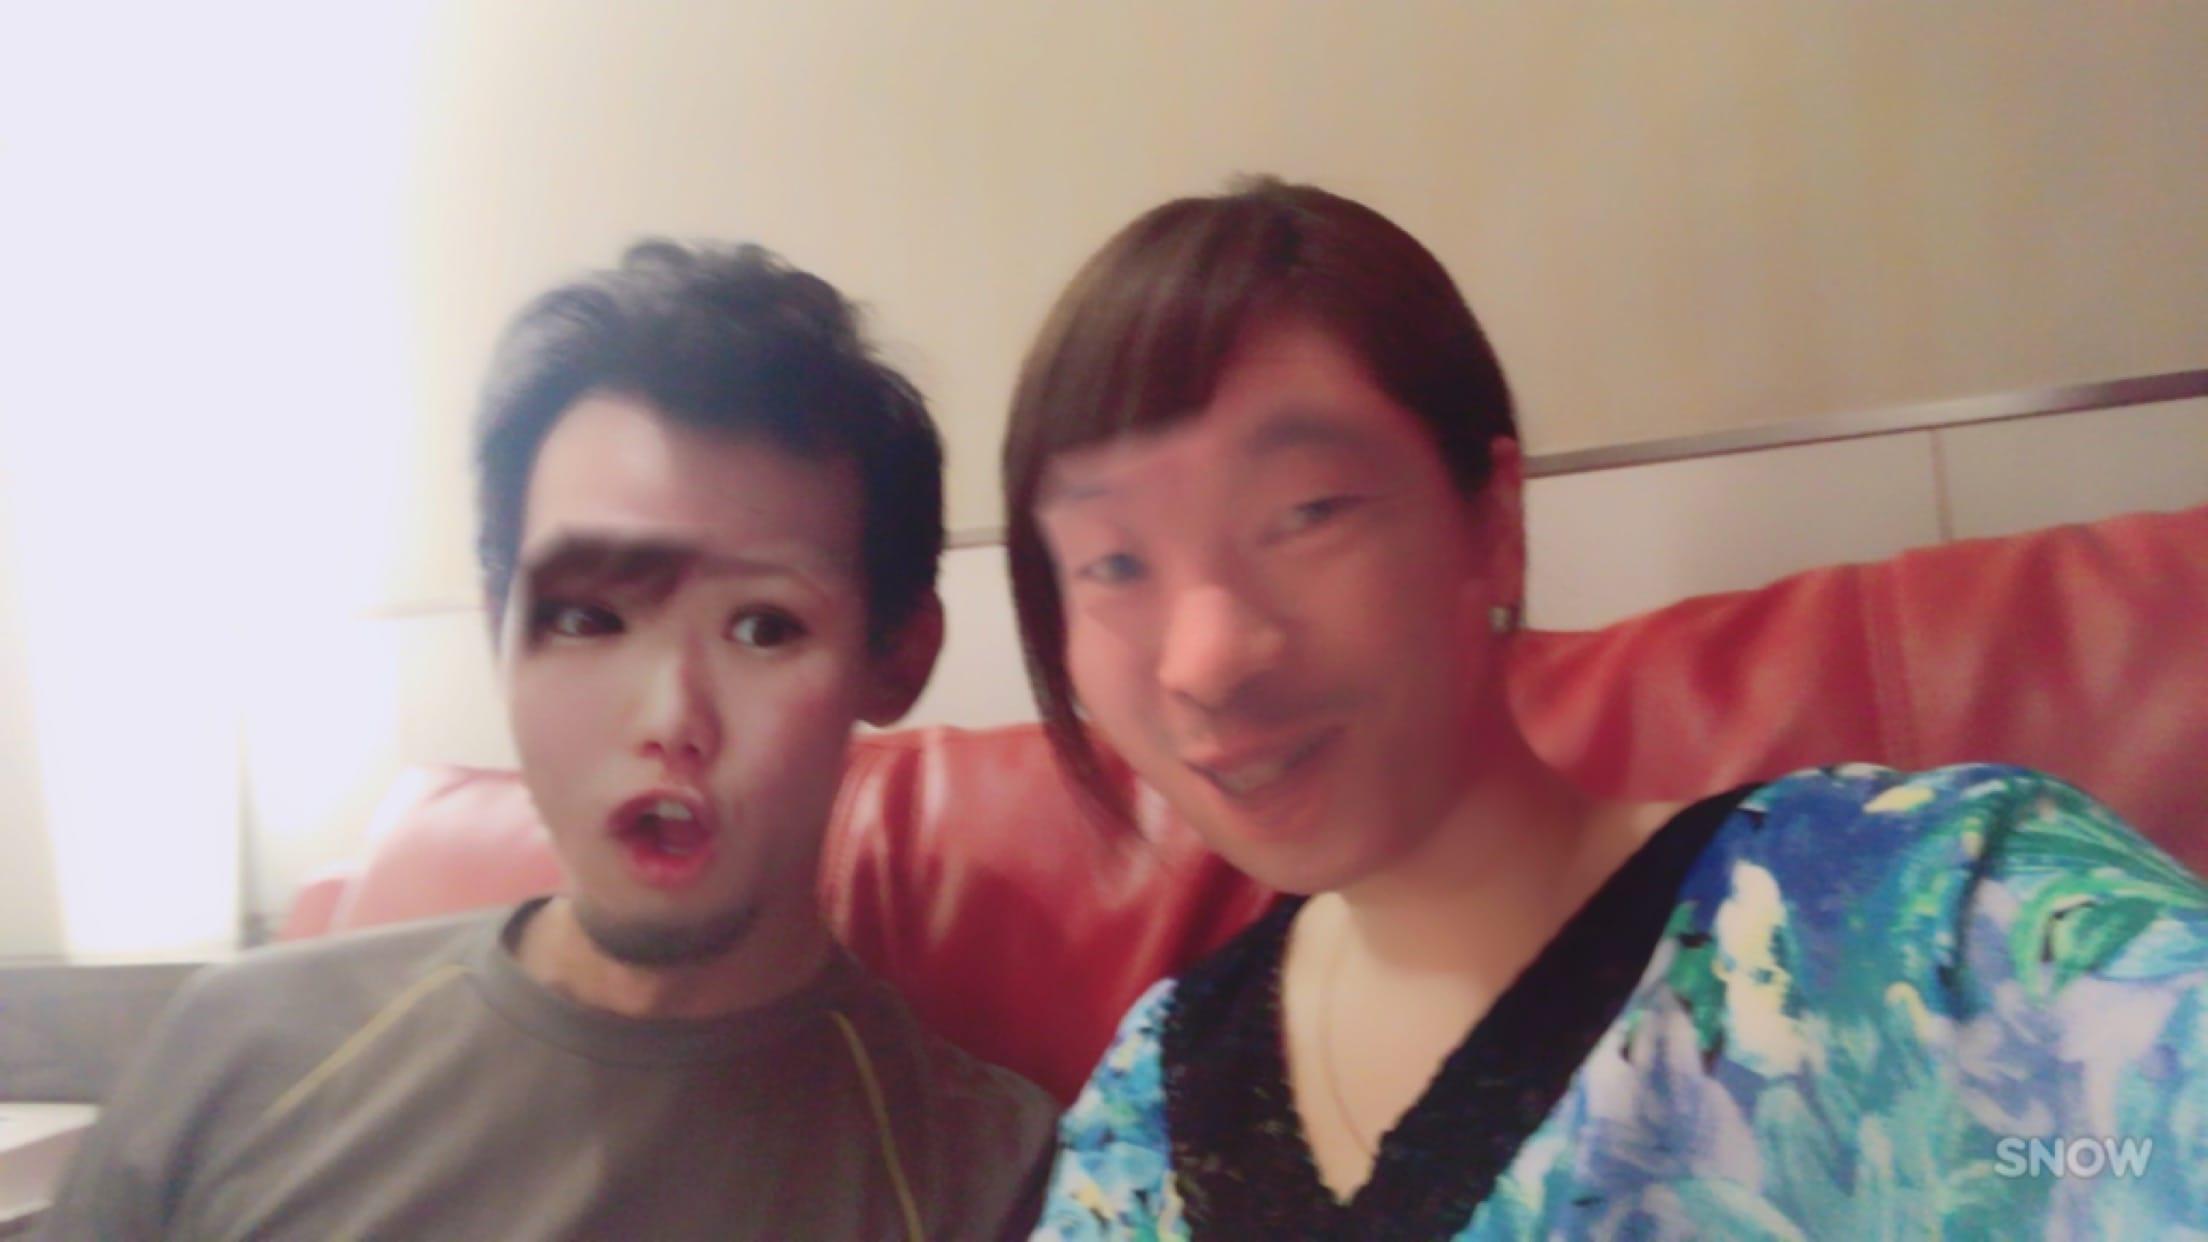 「マキシムのお兄さん(*^^*)」08/03(木) 04:40 | よつばの写メ・風俗動画